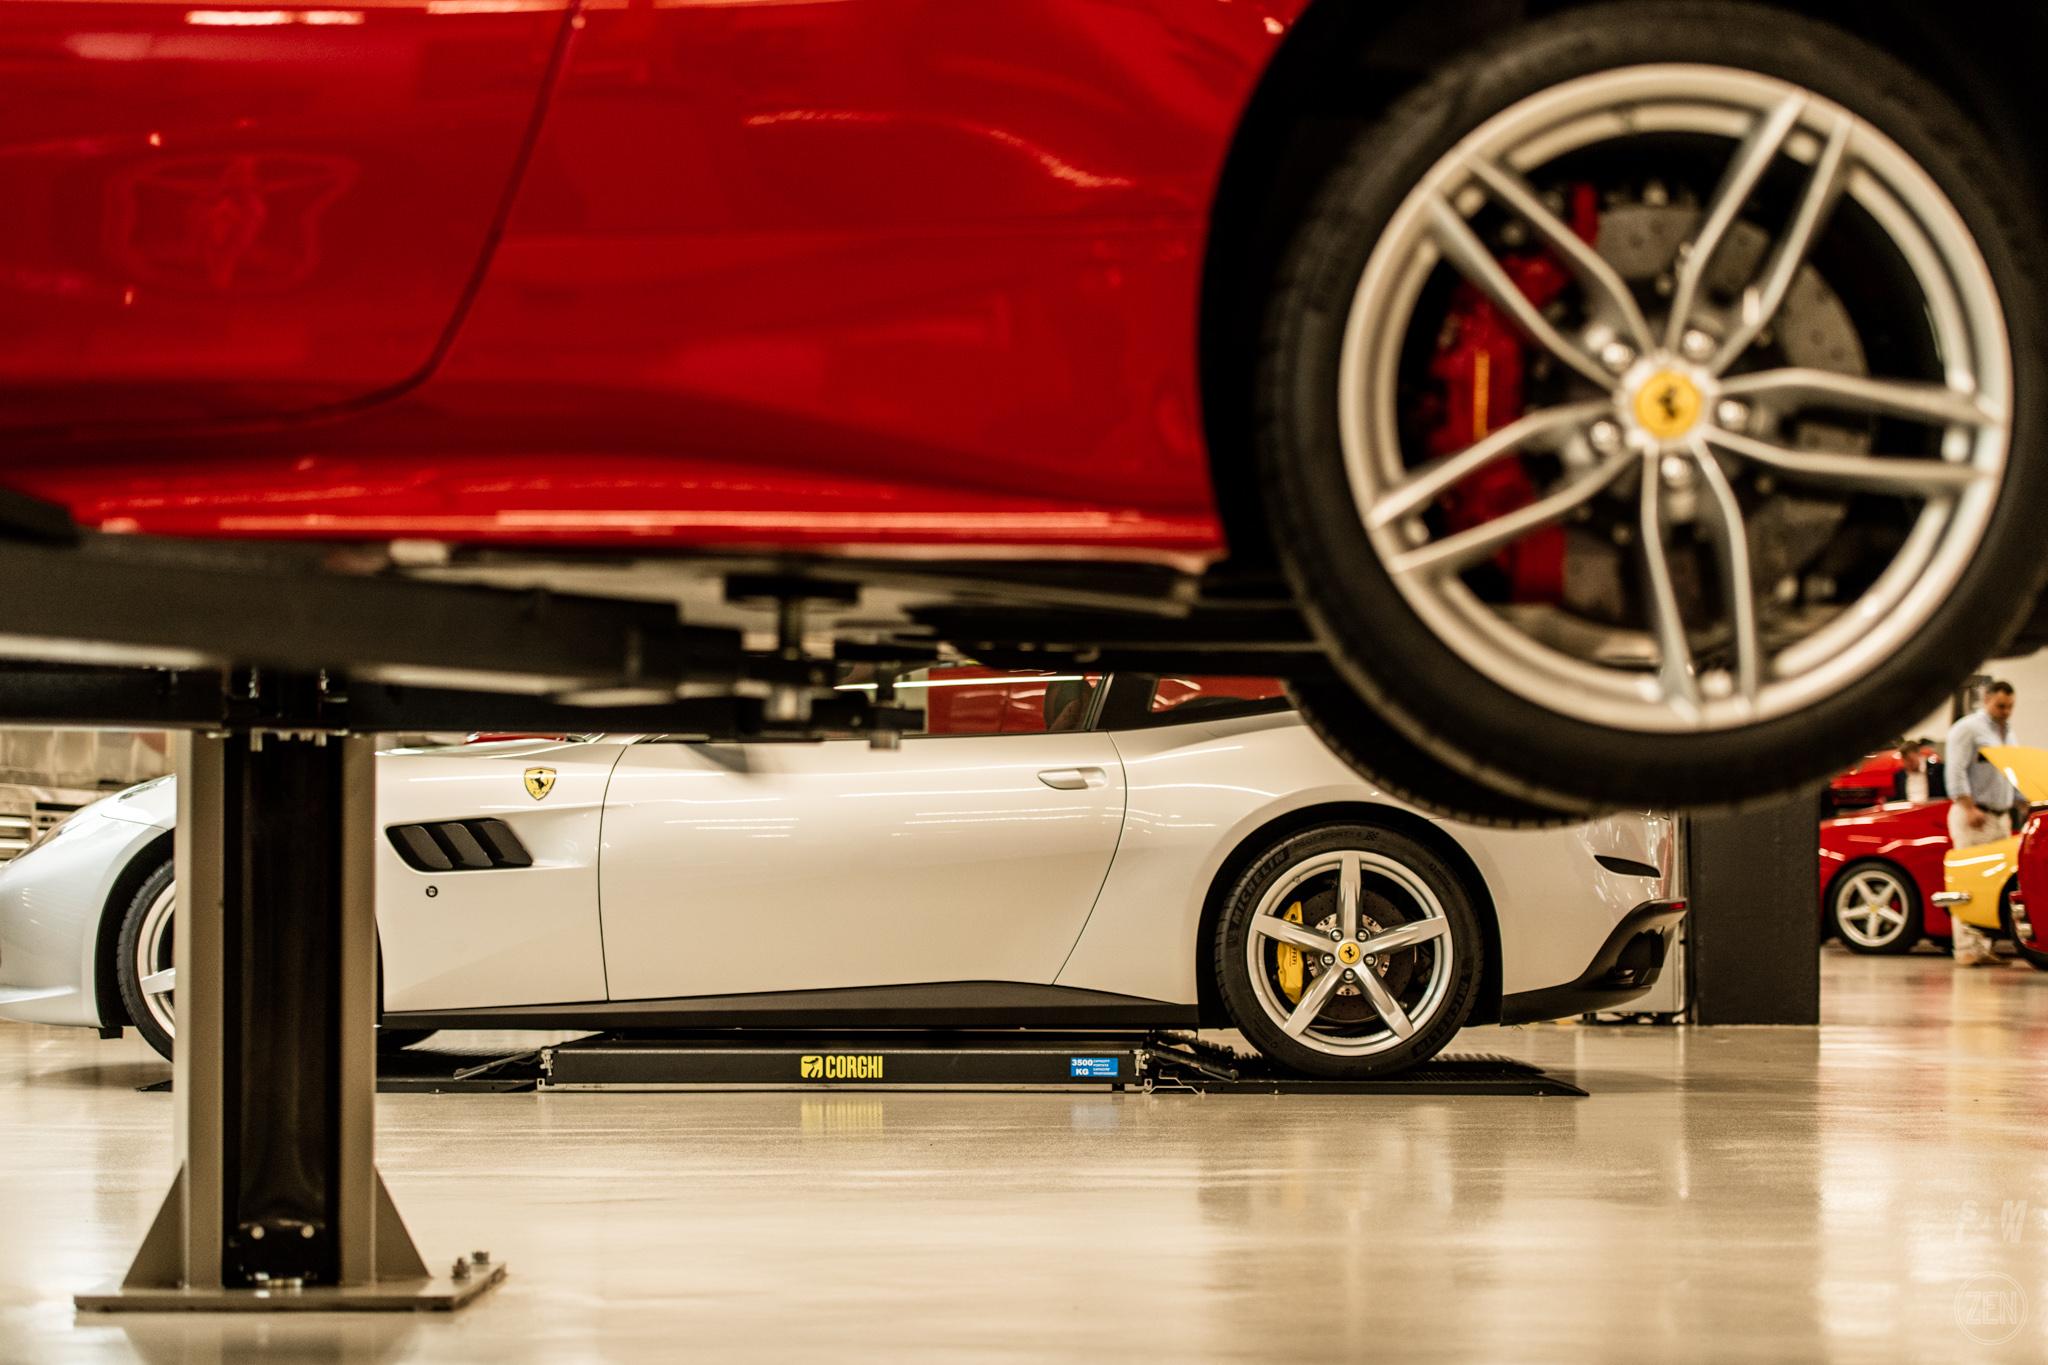 2019-09-21 - Ferrari Concorso 028